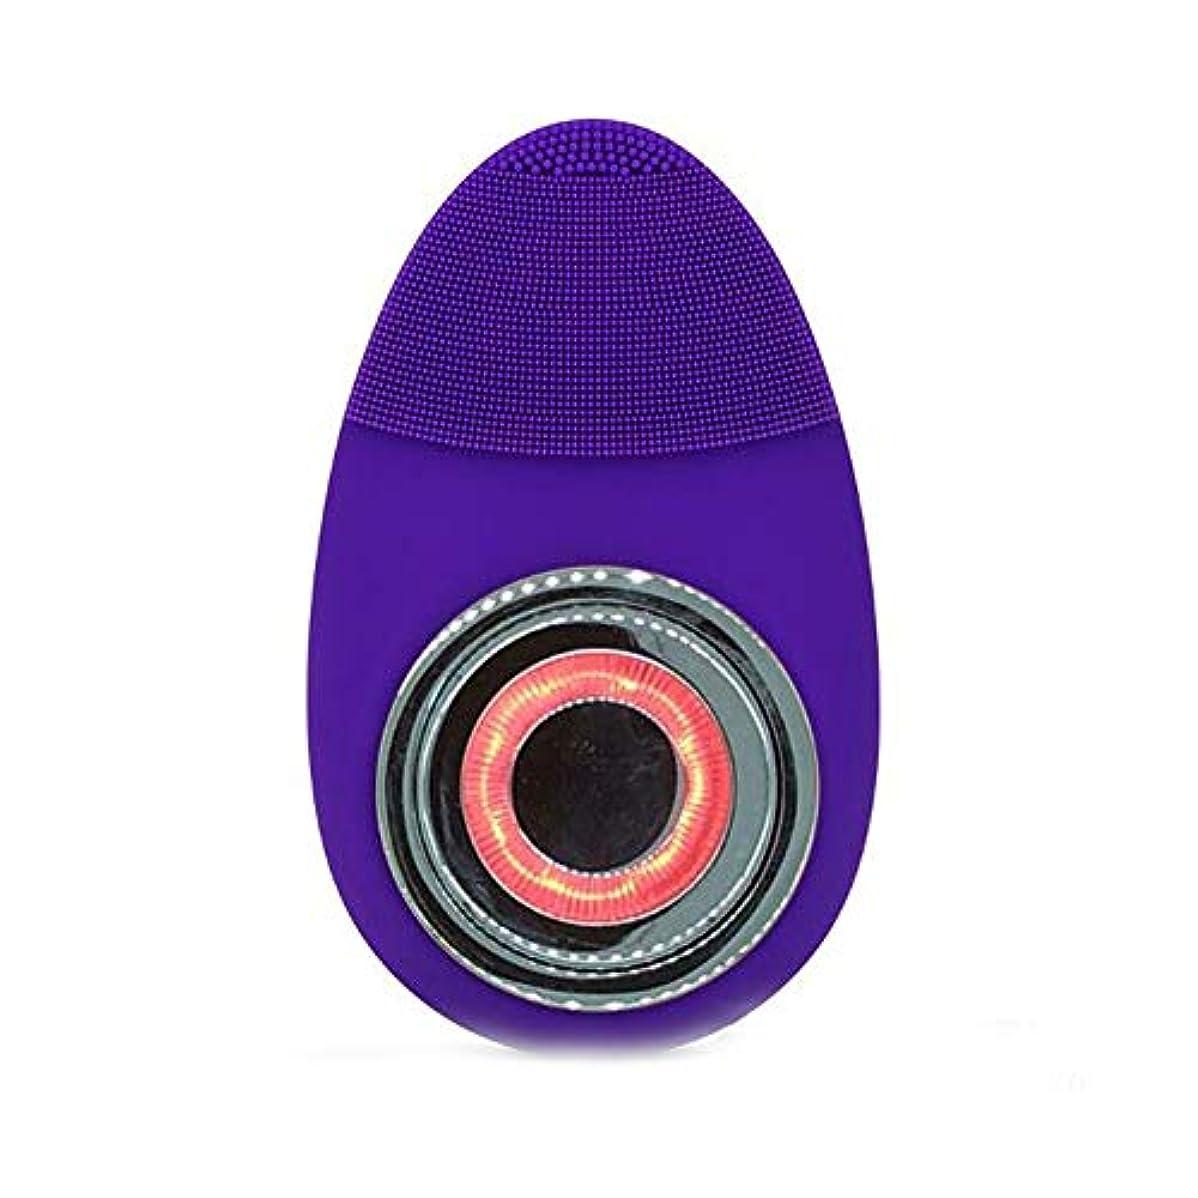 肉長椅子慣らす電子美容機器赤光クレンジング楽器防水シリコーン超音波洗浄顔色若返りマッサージ器,Blue